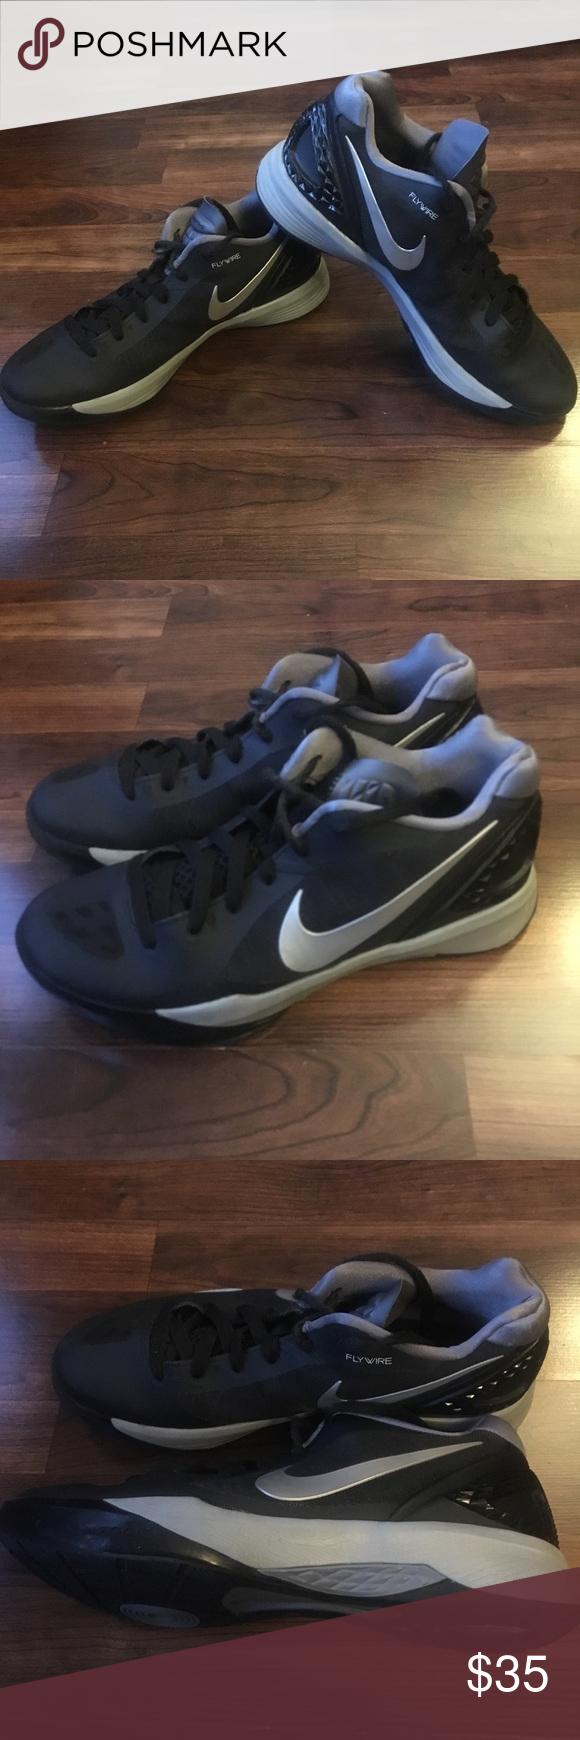 Nike Flywire Volleyball Court Schuhe Fur Damen Diese Nike Volleyballschuhe Waren Fashionaccessories Fashio In 2020 Nike Volleyball Shoes Court Shoes Volleyball Shoes